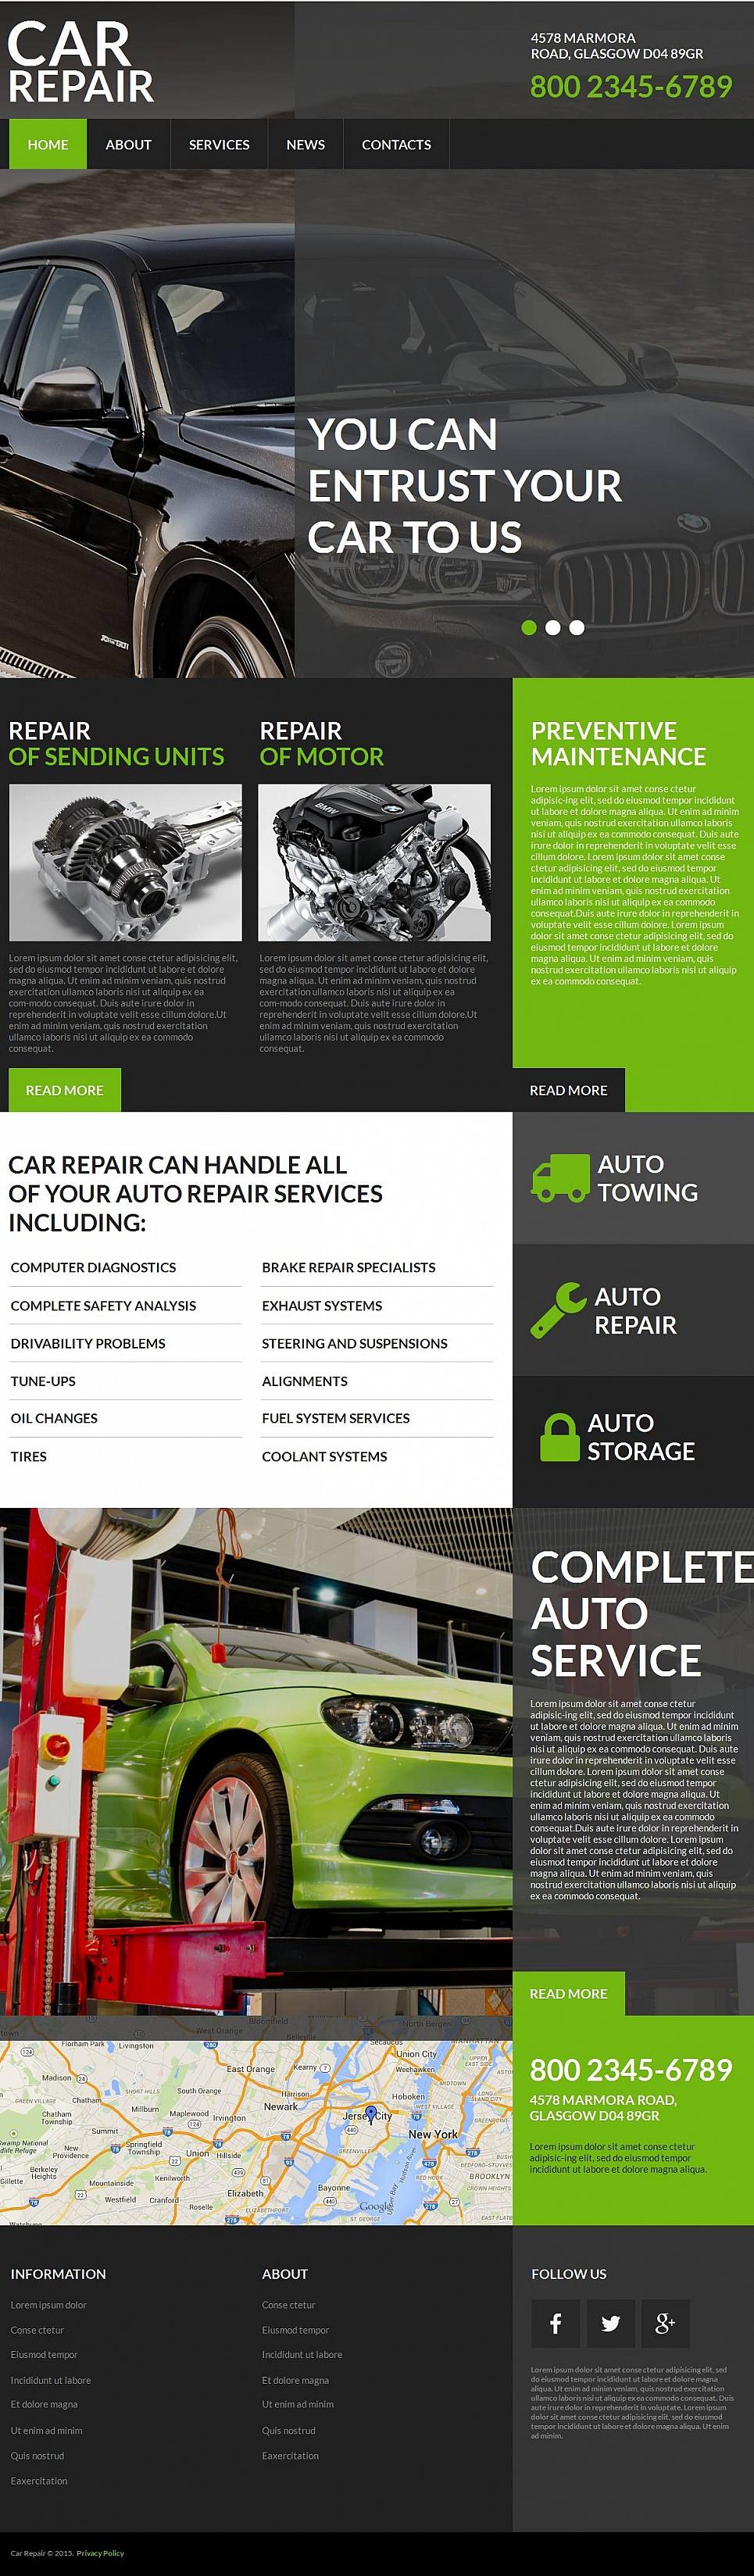 Car Repairing Web Design - image